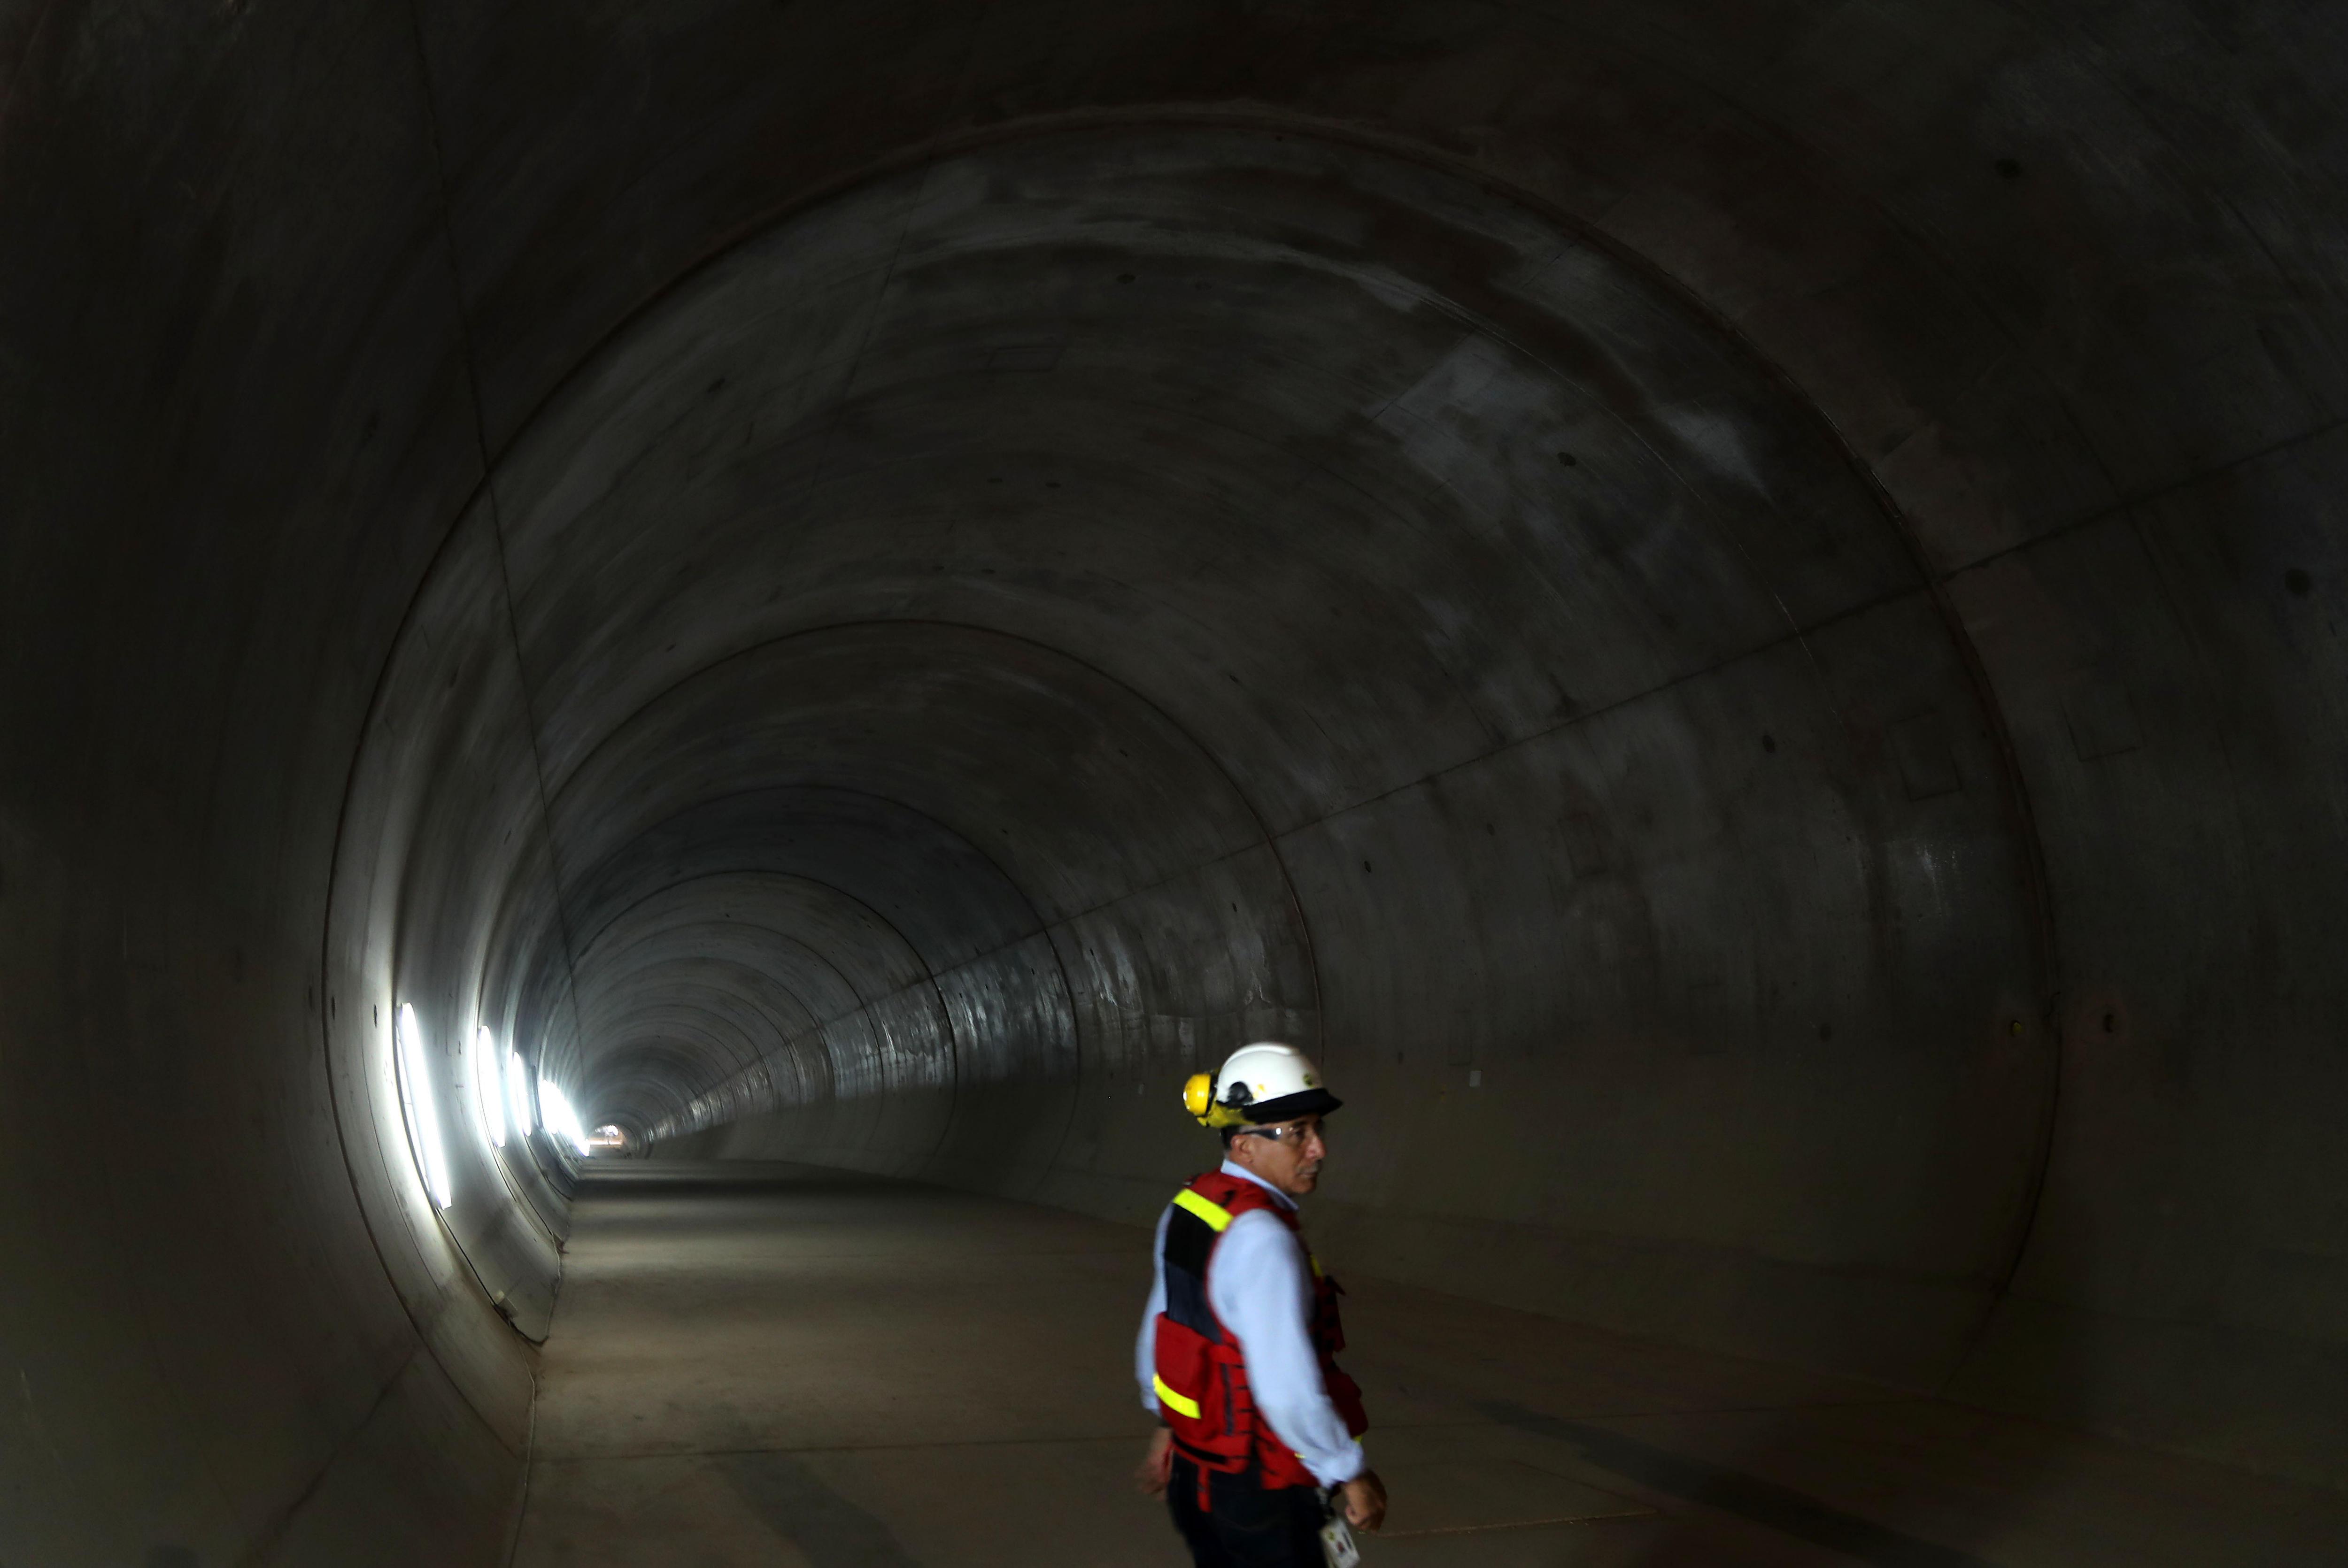 Vista general d'un dels túnels en construcció de la línia 2 del metre de Lima (Perú). /ERNESTO ARIAS